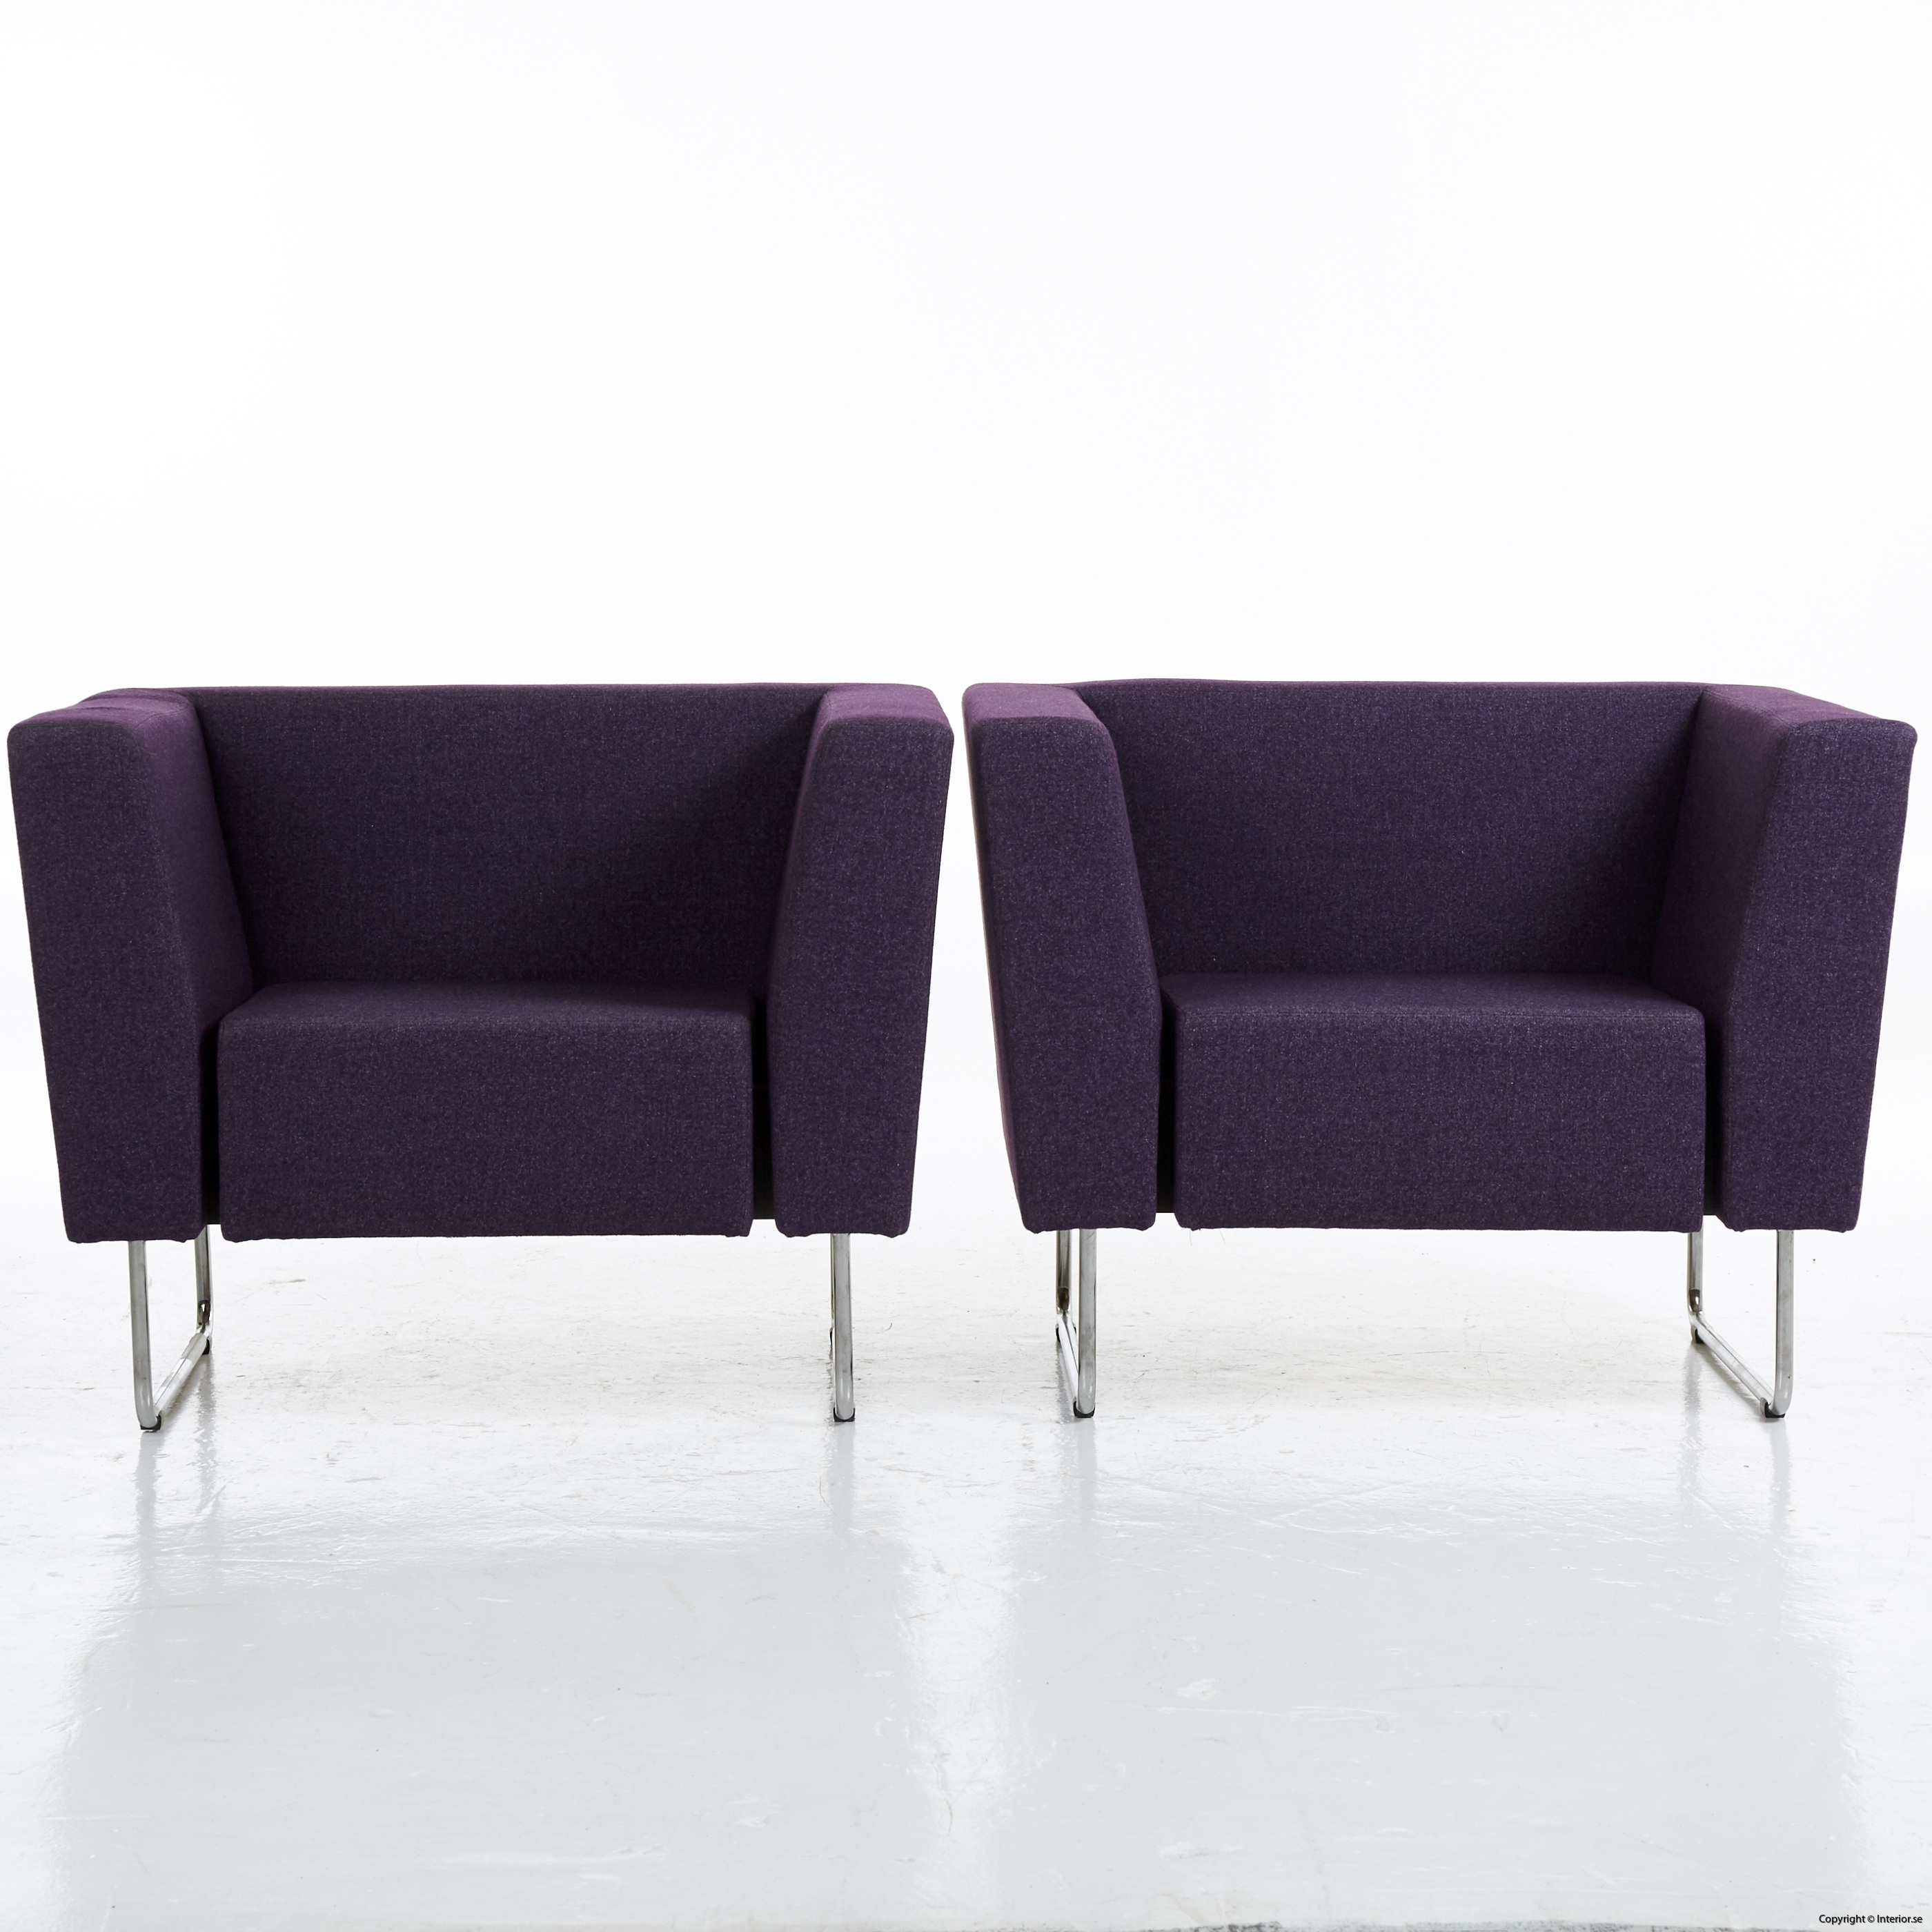 Fåtöljer, Swedese Gap Lounge begagnade designmöbler stockholm sverige 2